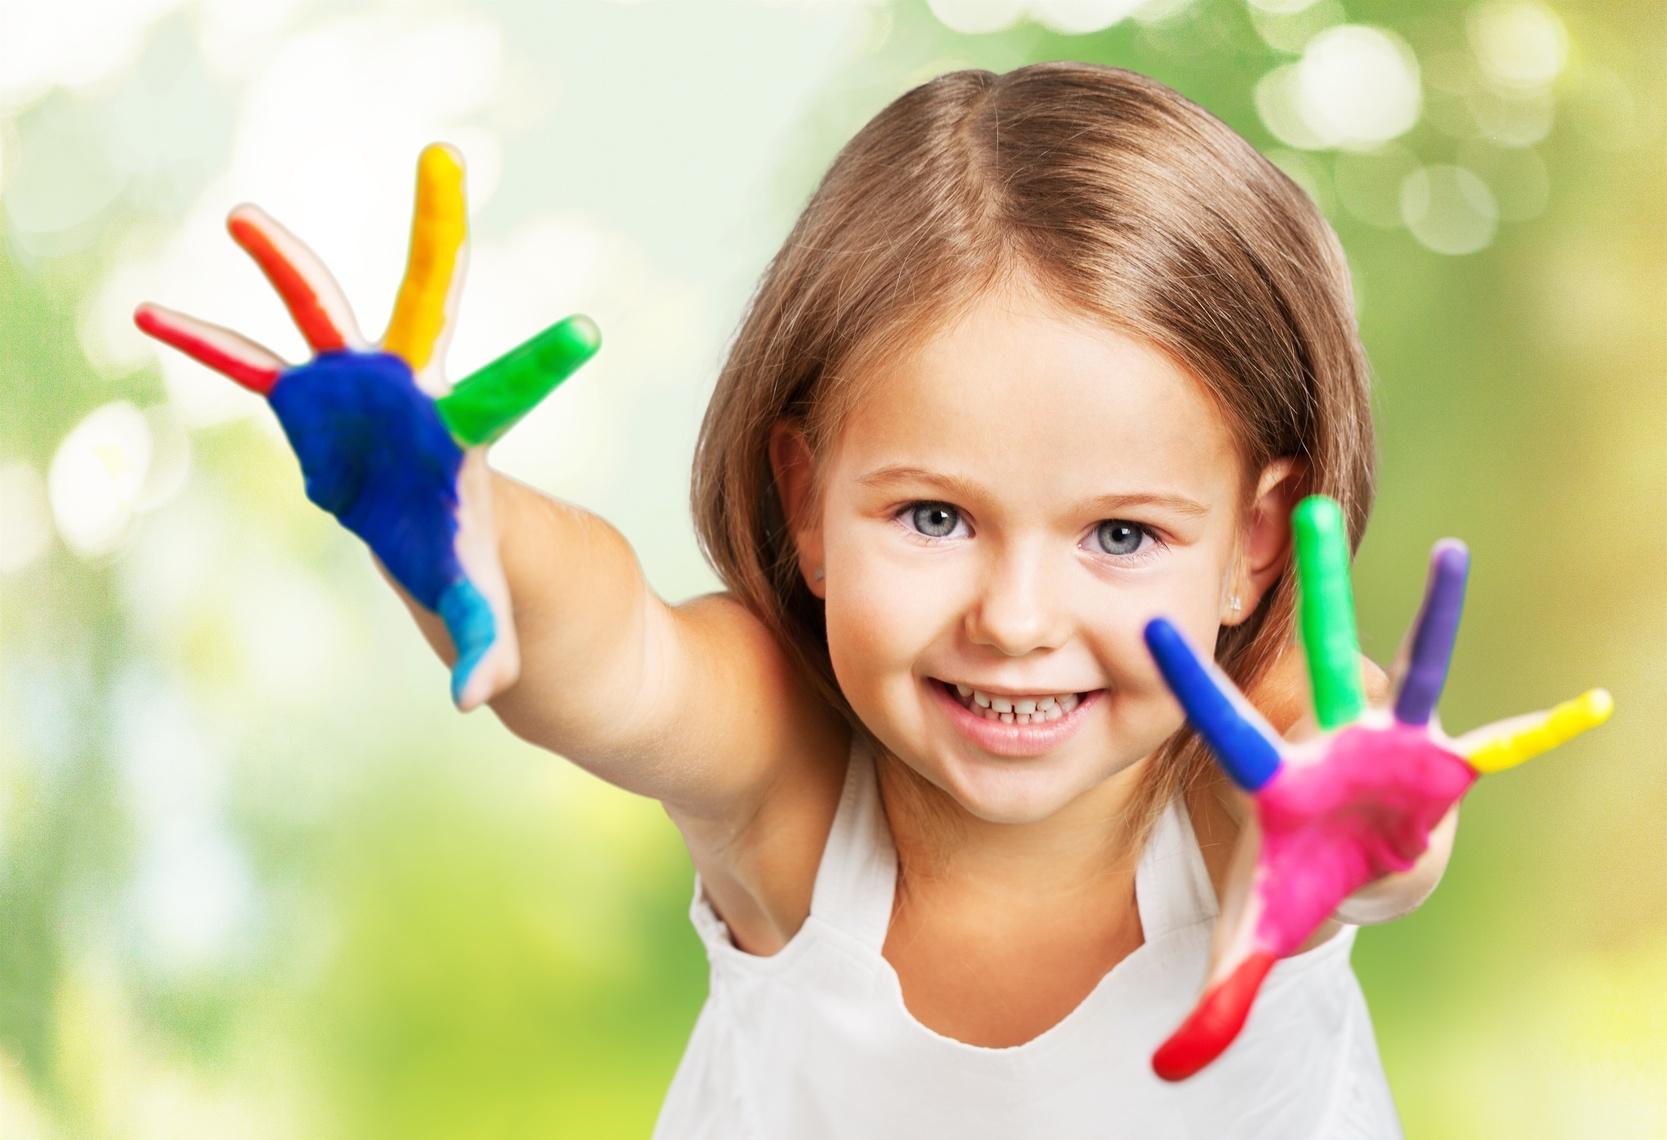 11 Jeux Pour Les Enfants De Moins De 3 Ans | Redcross-Edu pour Jeux Ludique Pour Enfant